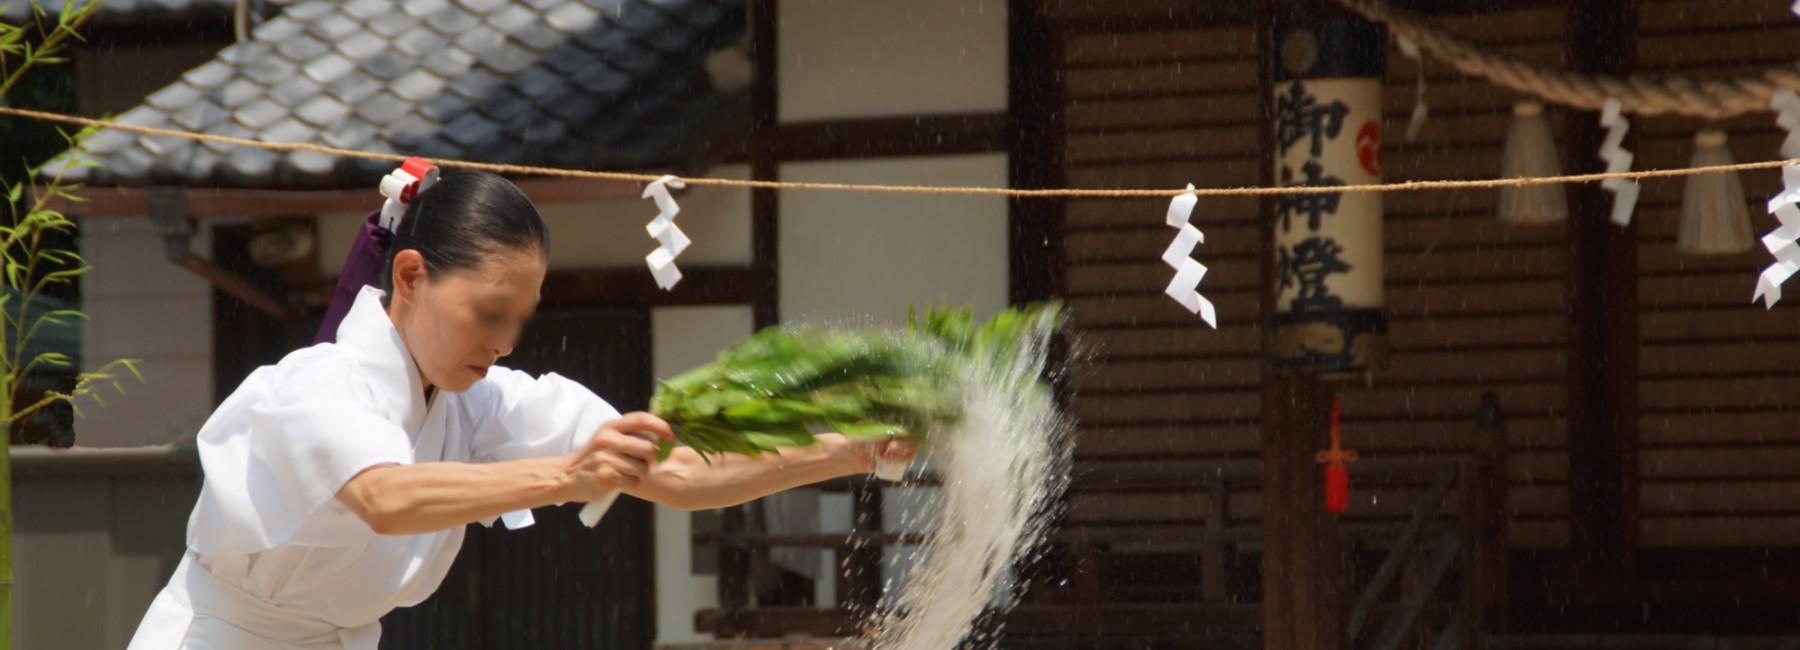 夏越祭巫女湯神楽